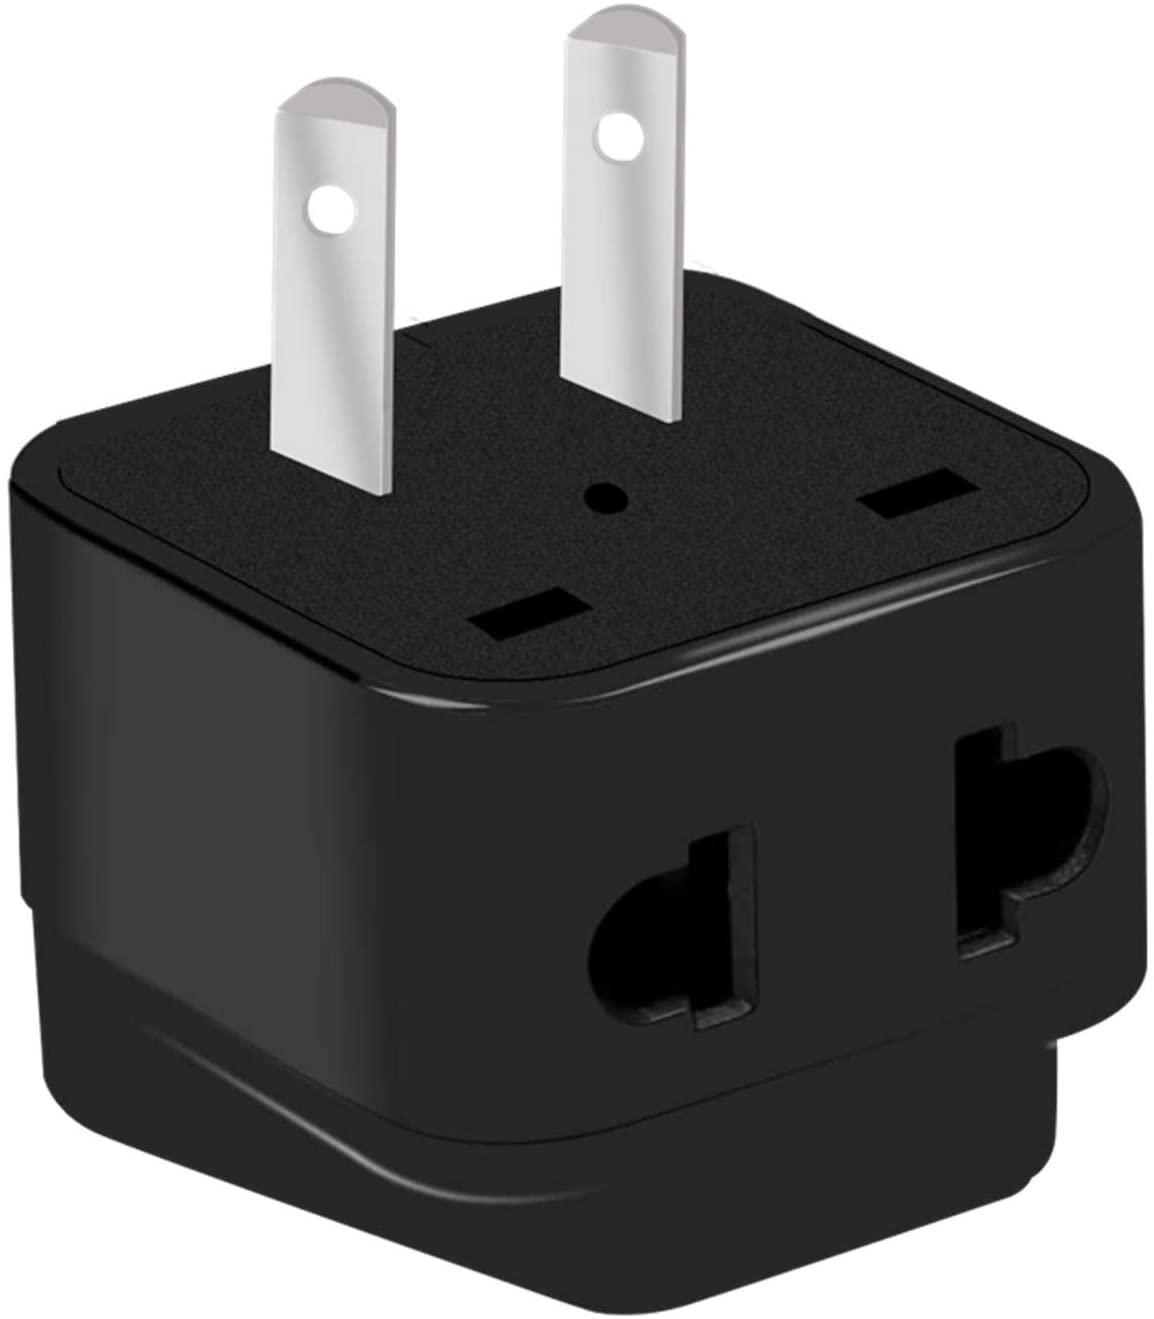 Japan Universal Travel Adapter,Worldwide Power Plug to NEMA 1-15P Plug,USA 2pin Plug to Universal Outlet Socket. (Black)